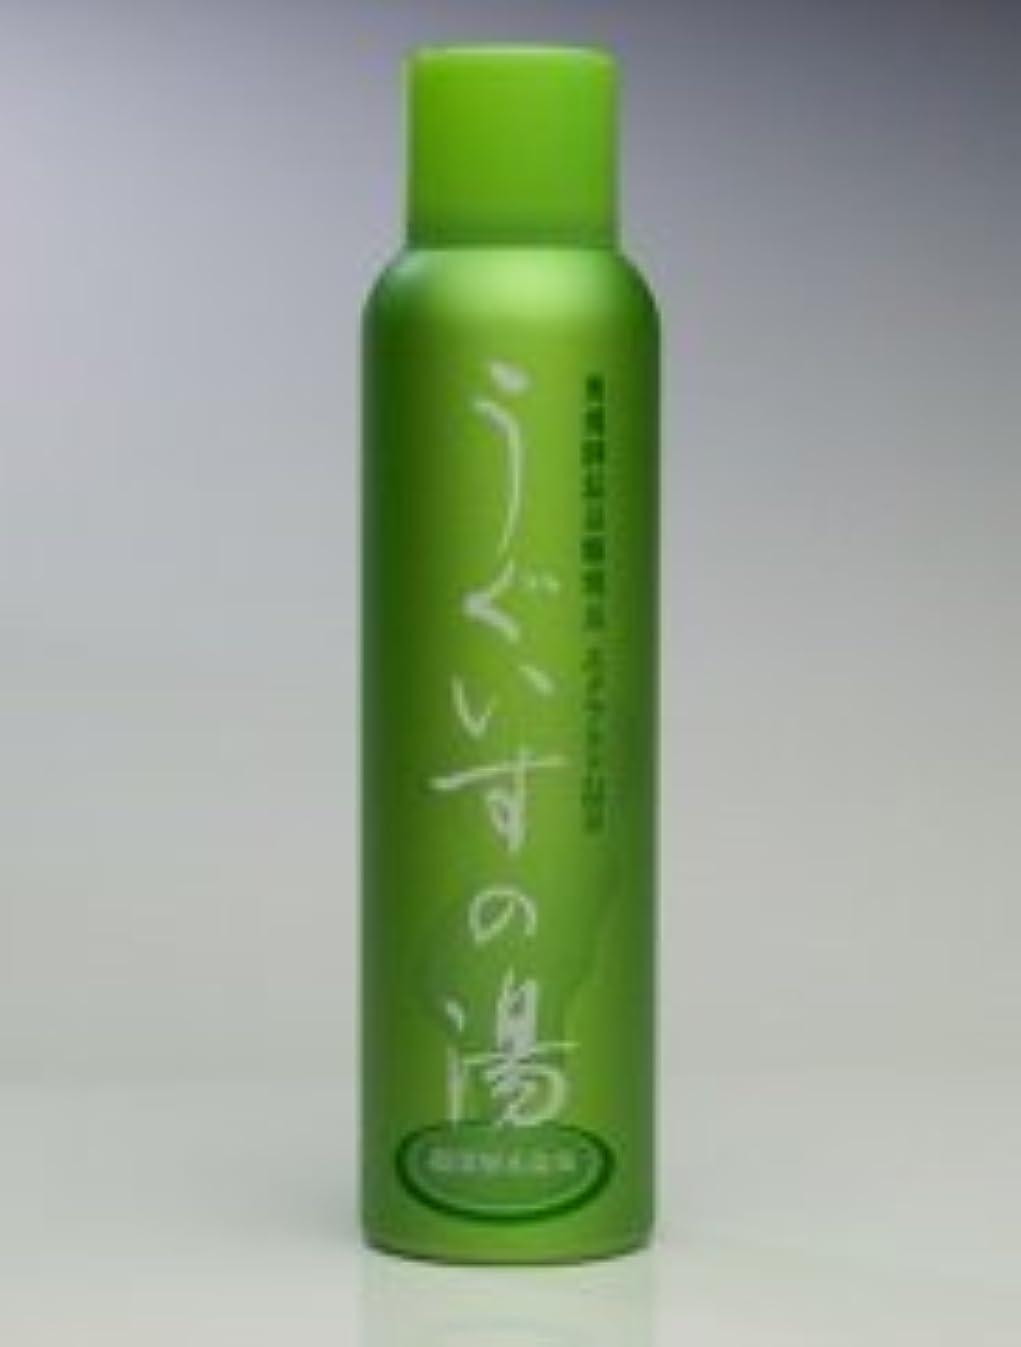 終点脅かすアクチュエータ奥飛騨ガーデンホテル 【うぐいすの湯化粧水】